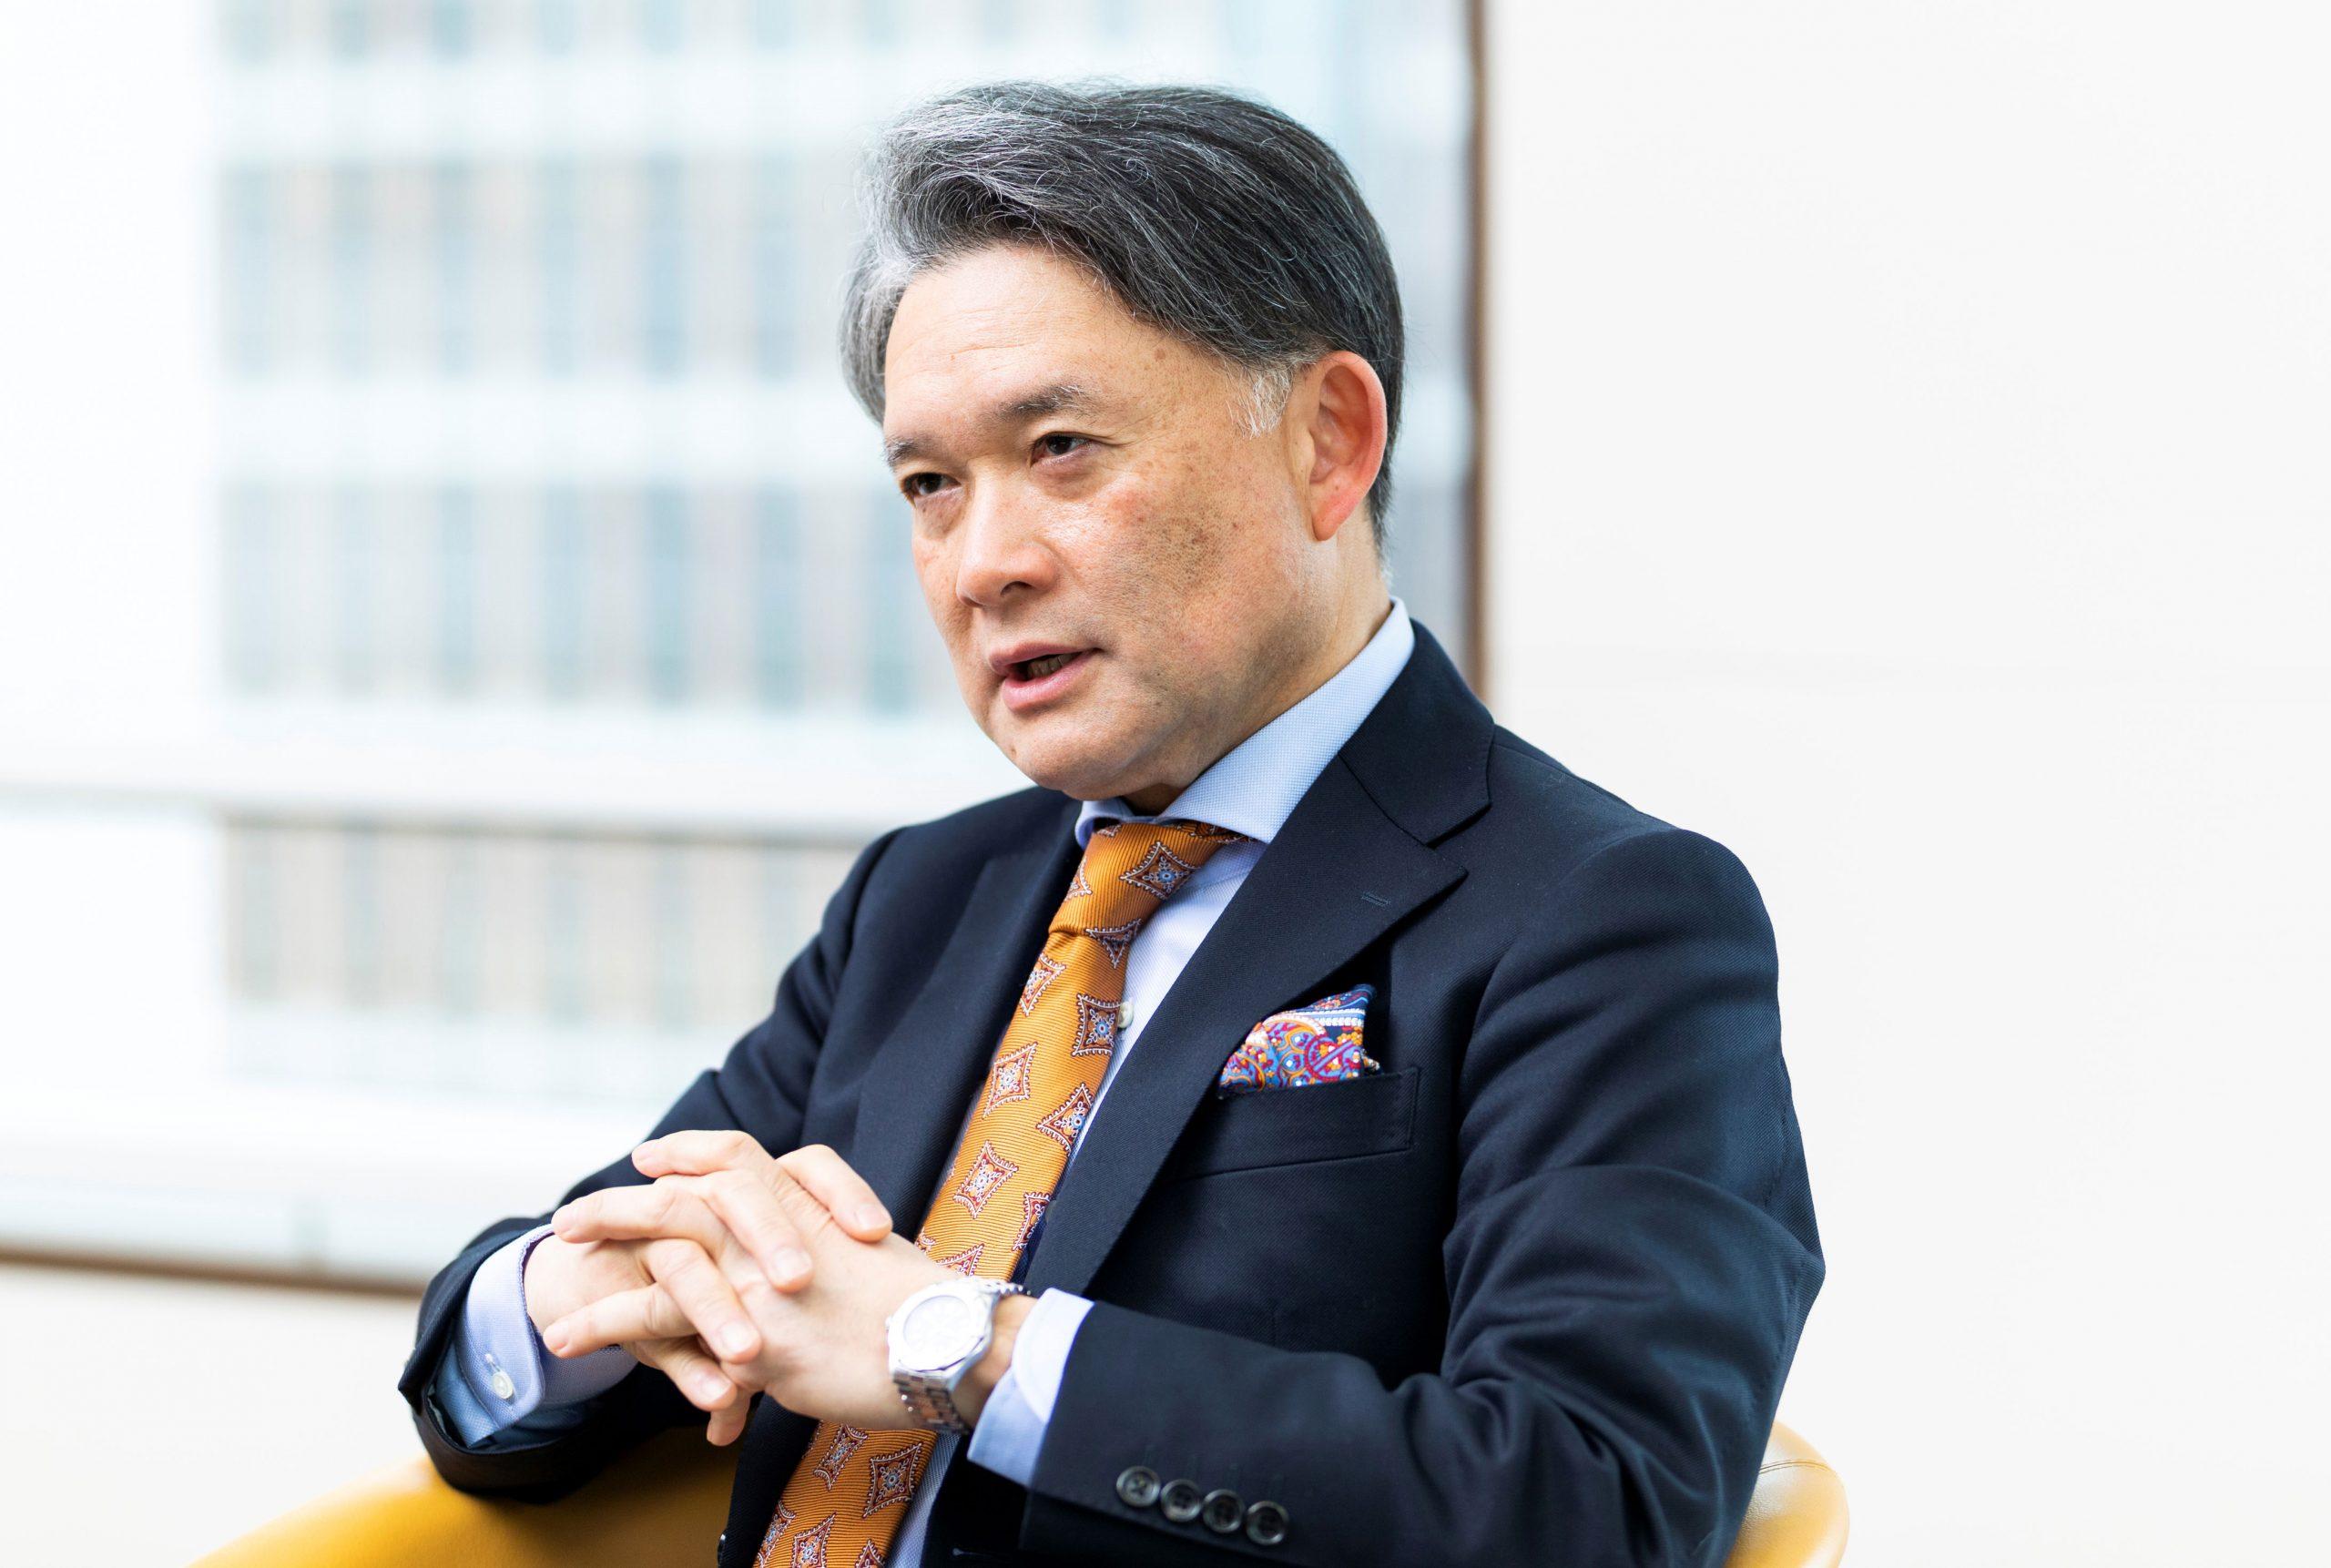 「三菱商事 総合素材グループの事業戦略」常務執行役員・総合素材グループCEO 塚本光太郎氏 枠組み越えた機能追求 従来と異なる次元で投資